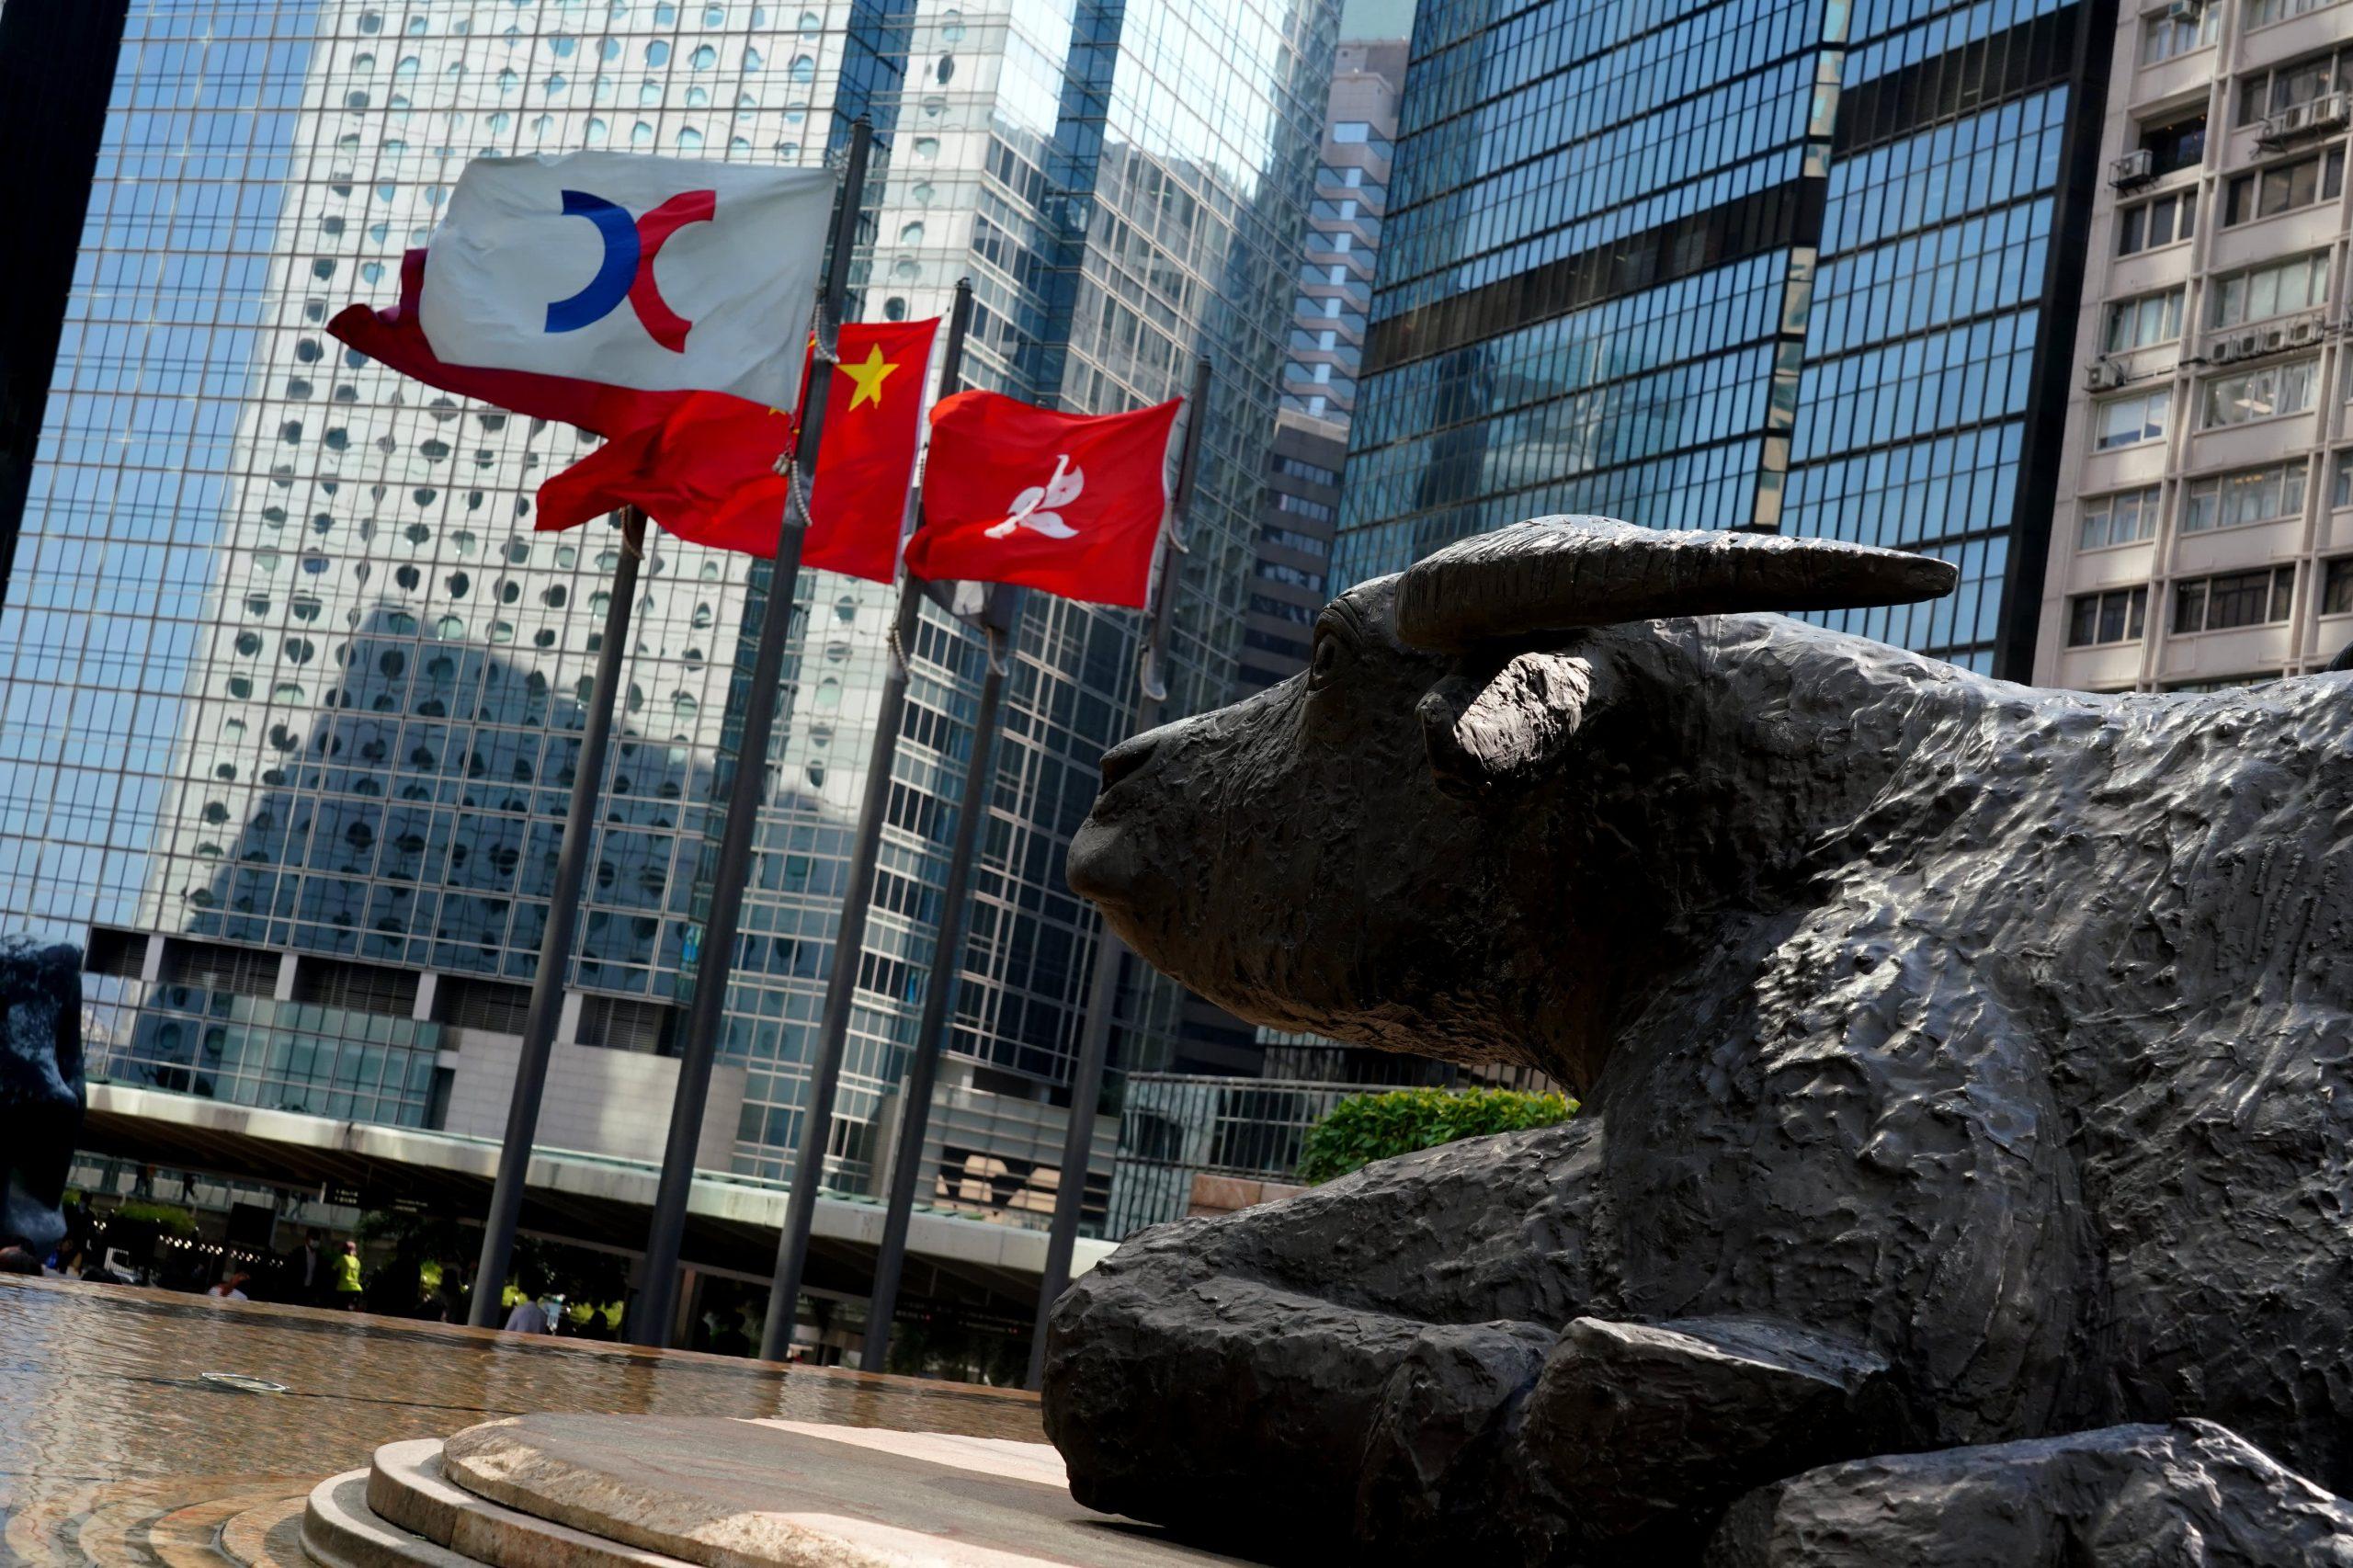 Chứng khoán châu Á hầu hết đi lên, cổ phiếu Evergrande tăng 17% sau chuỗi ngày bị bán mạnh